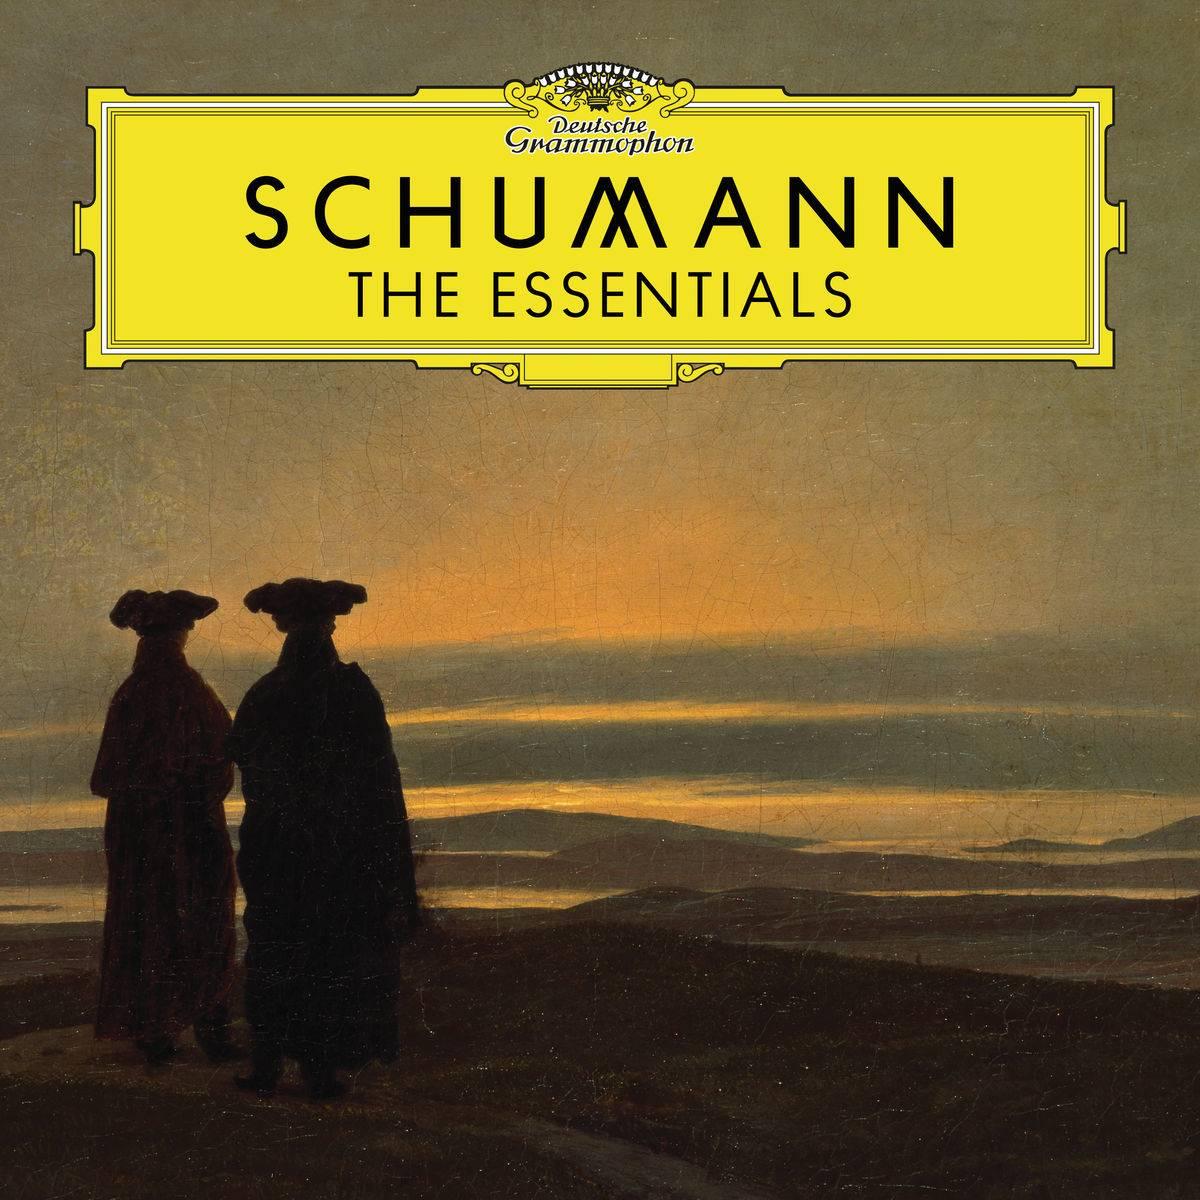 VA - Schumann: The Essentials (2018)